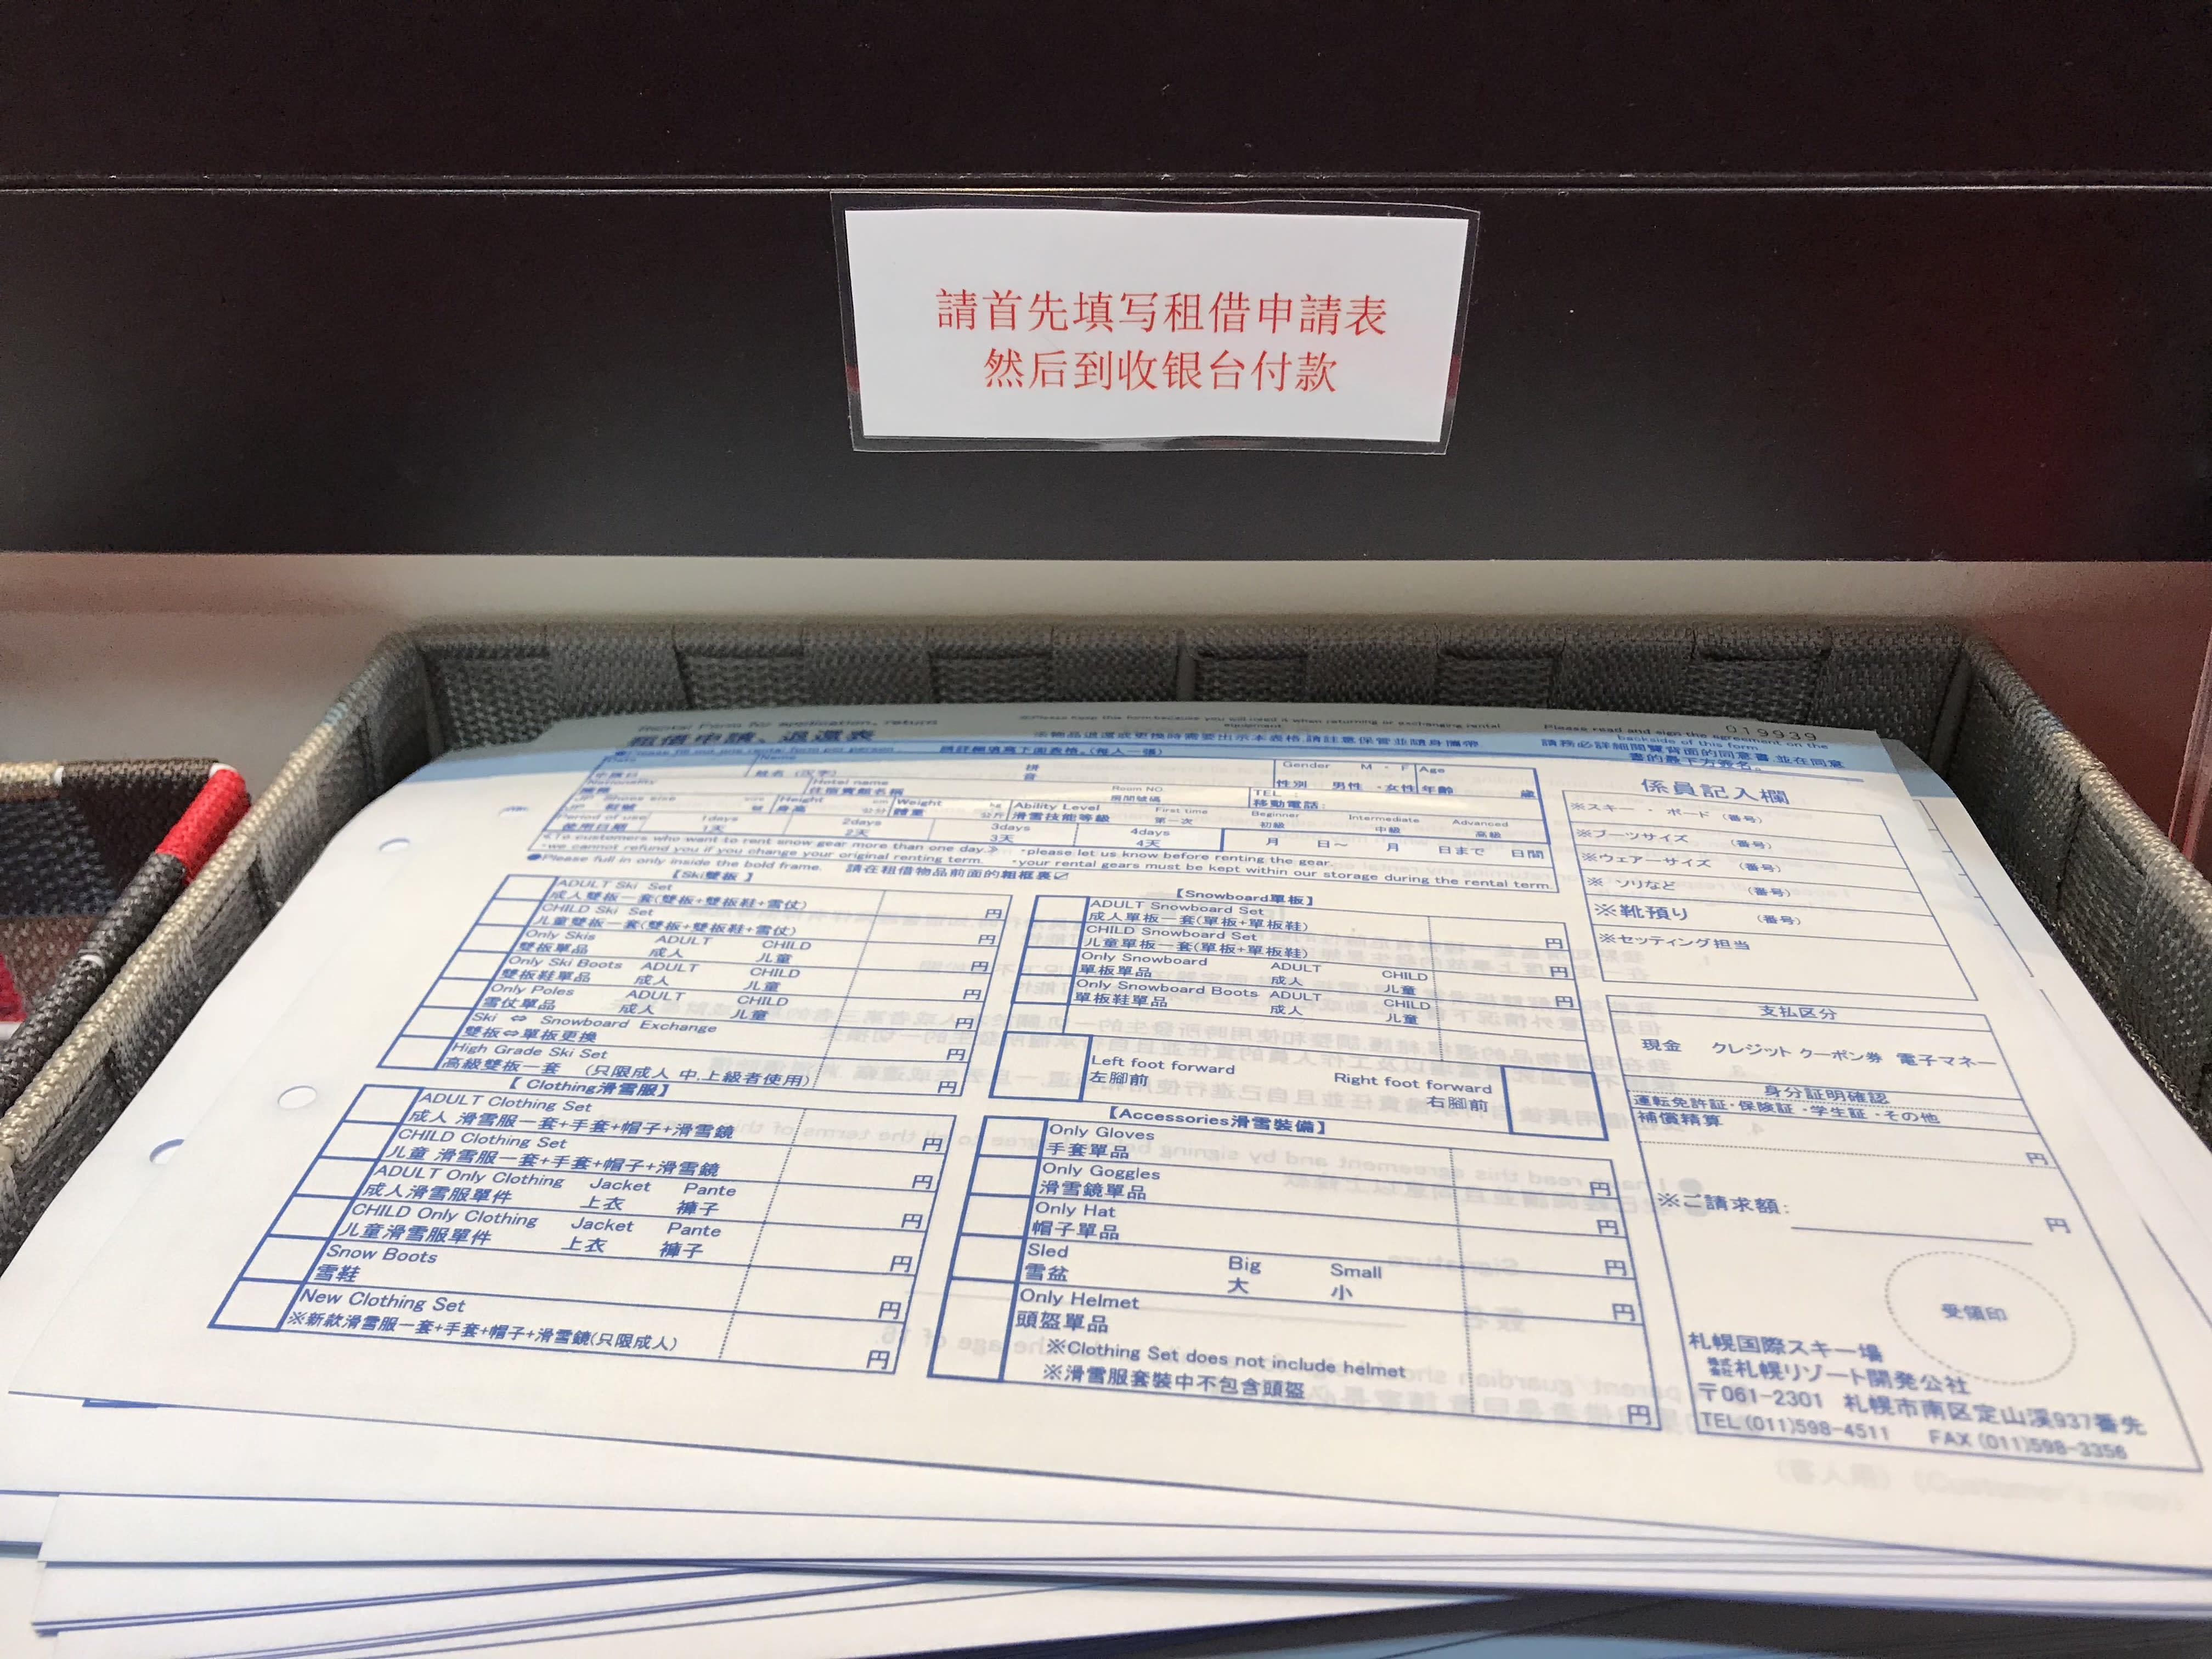 滑雪雪具租借申請表,取自:Ann Shih。